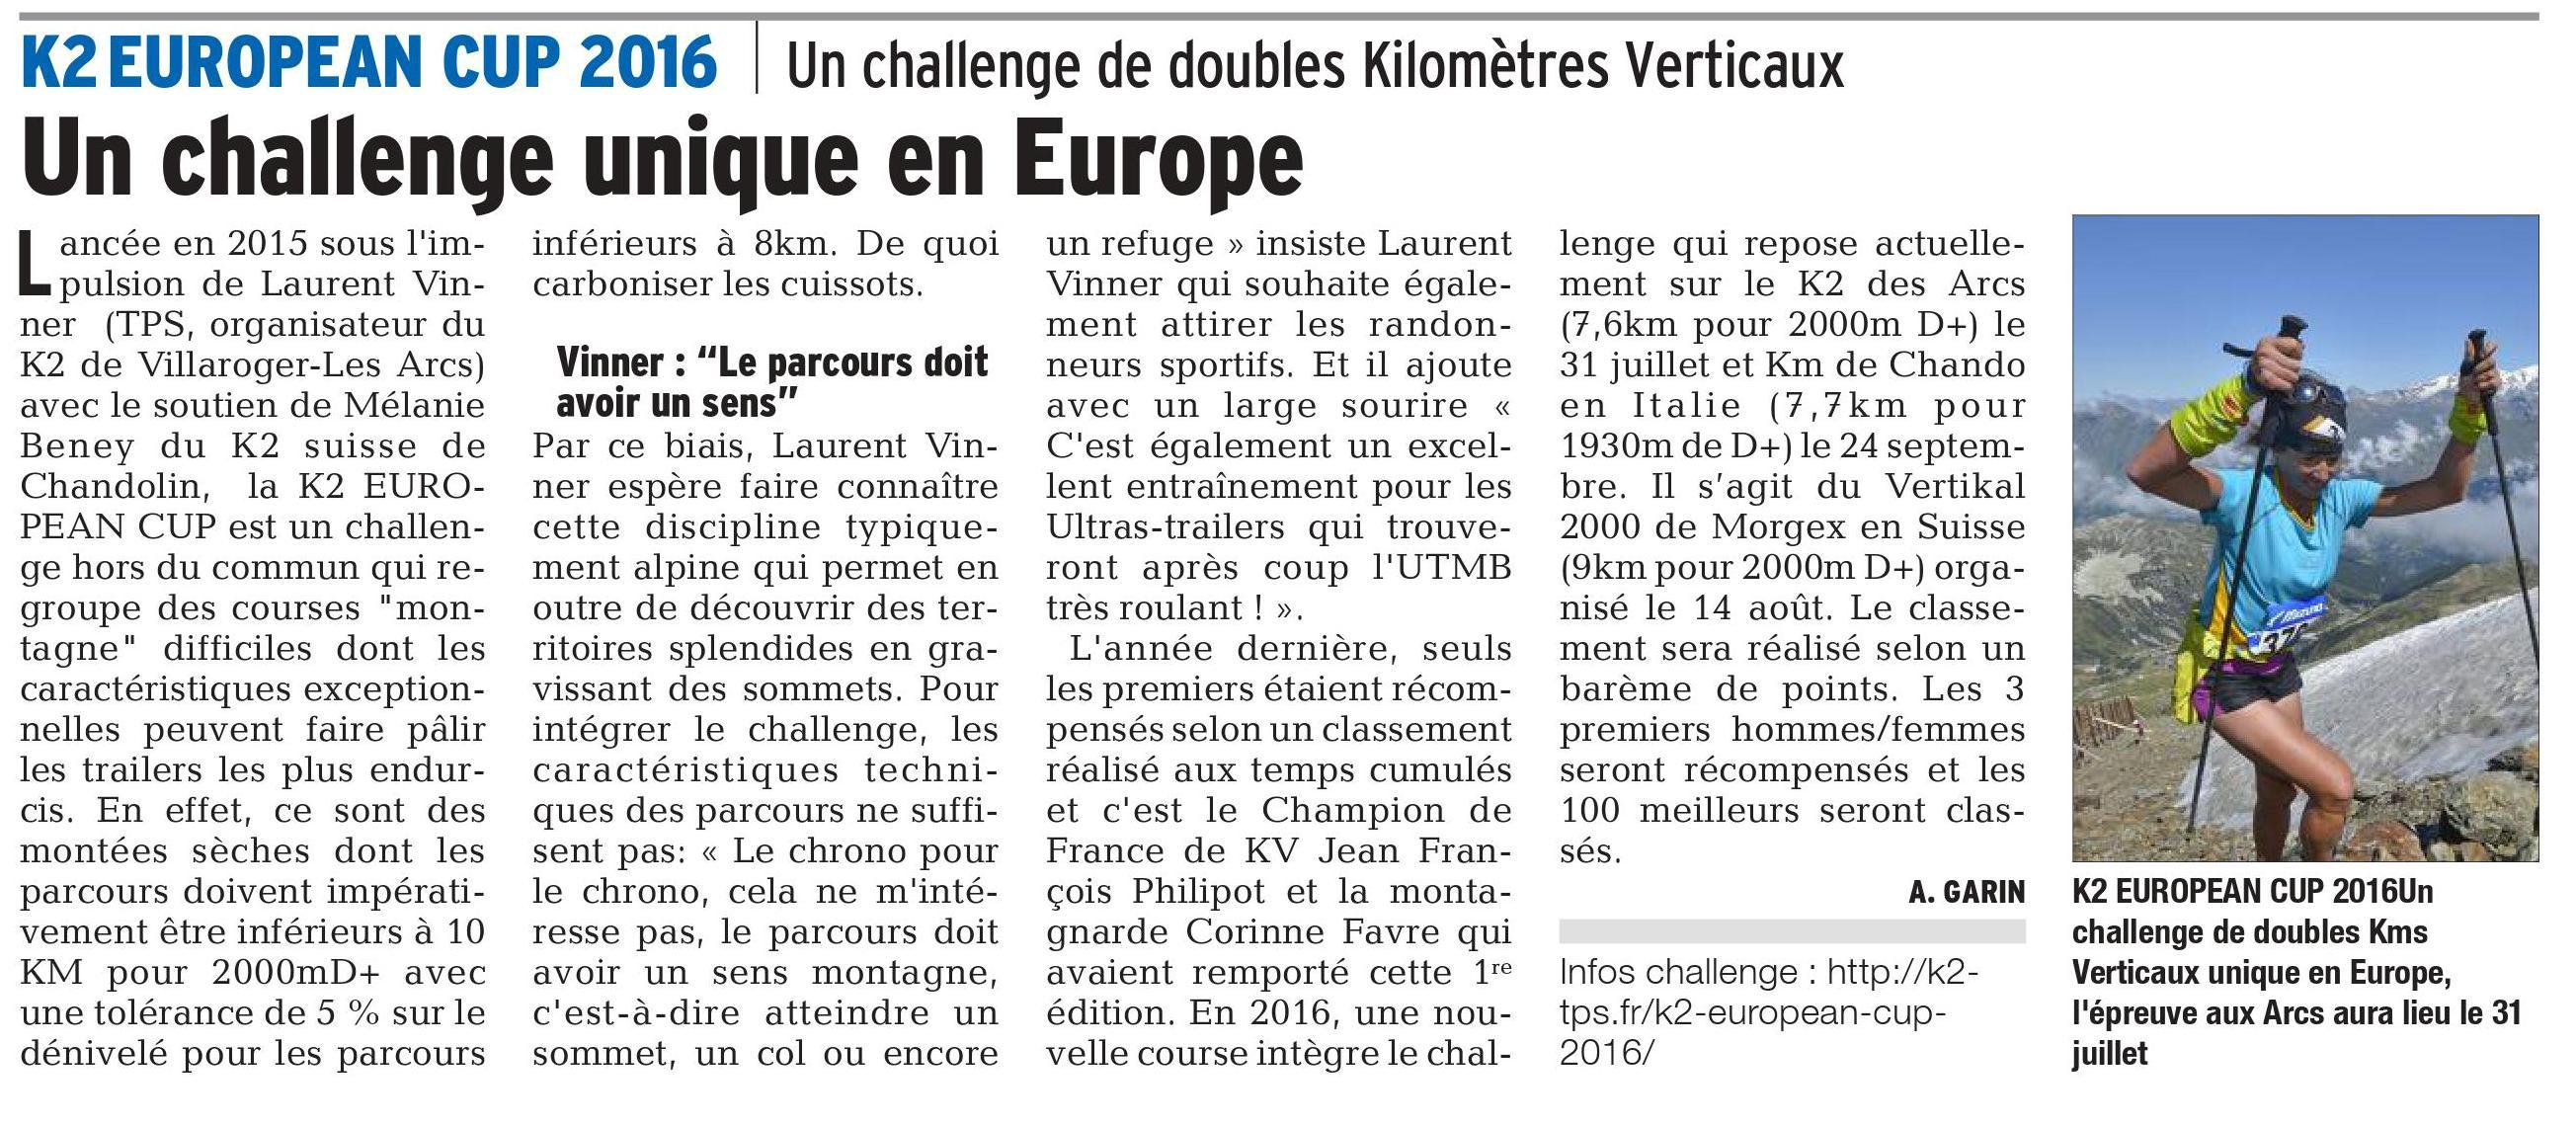 K2 EUROPEAN CUP - PRESENTATION DU K2 DE VILLAROGER - LES ARCS ET DE LA K2 EUROPEAN CUP 2016